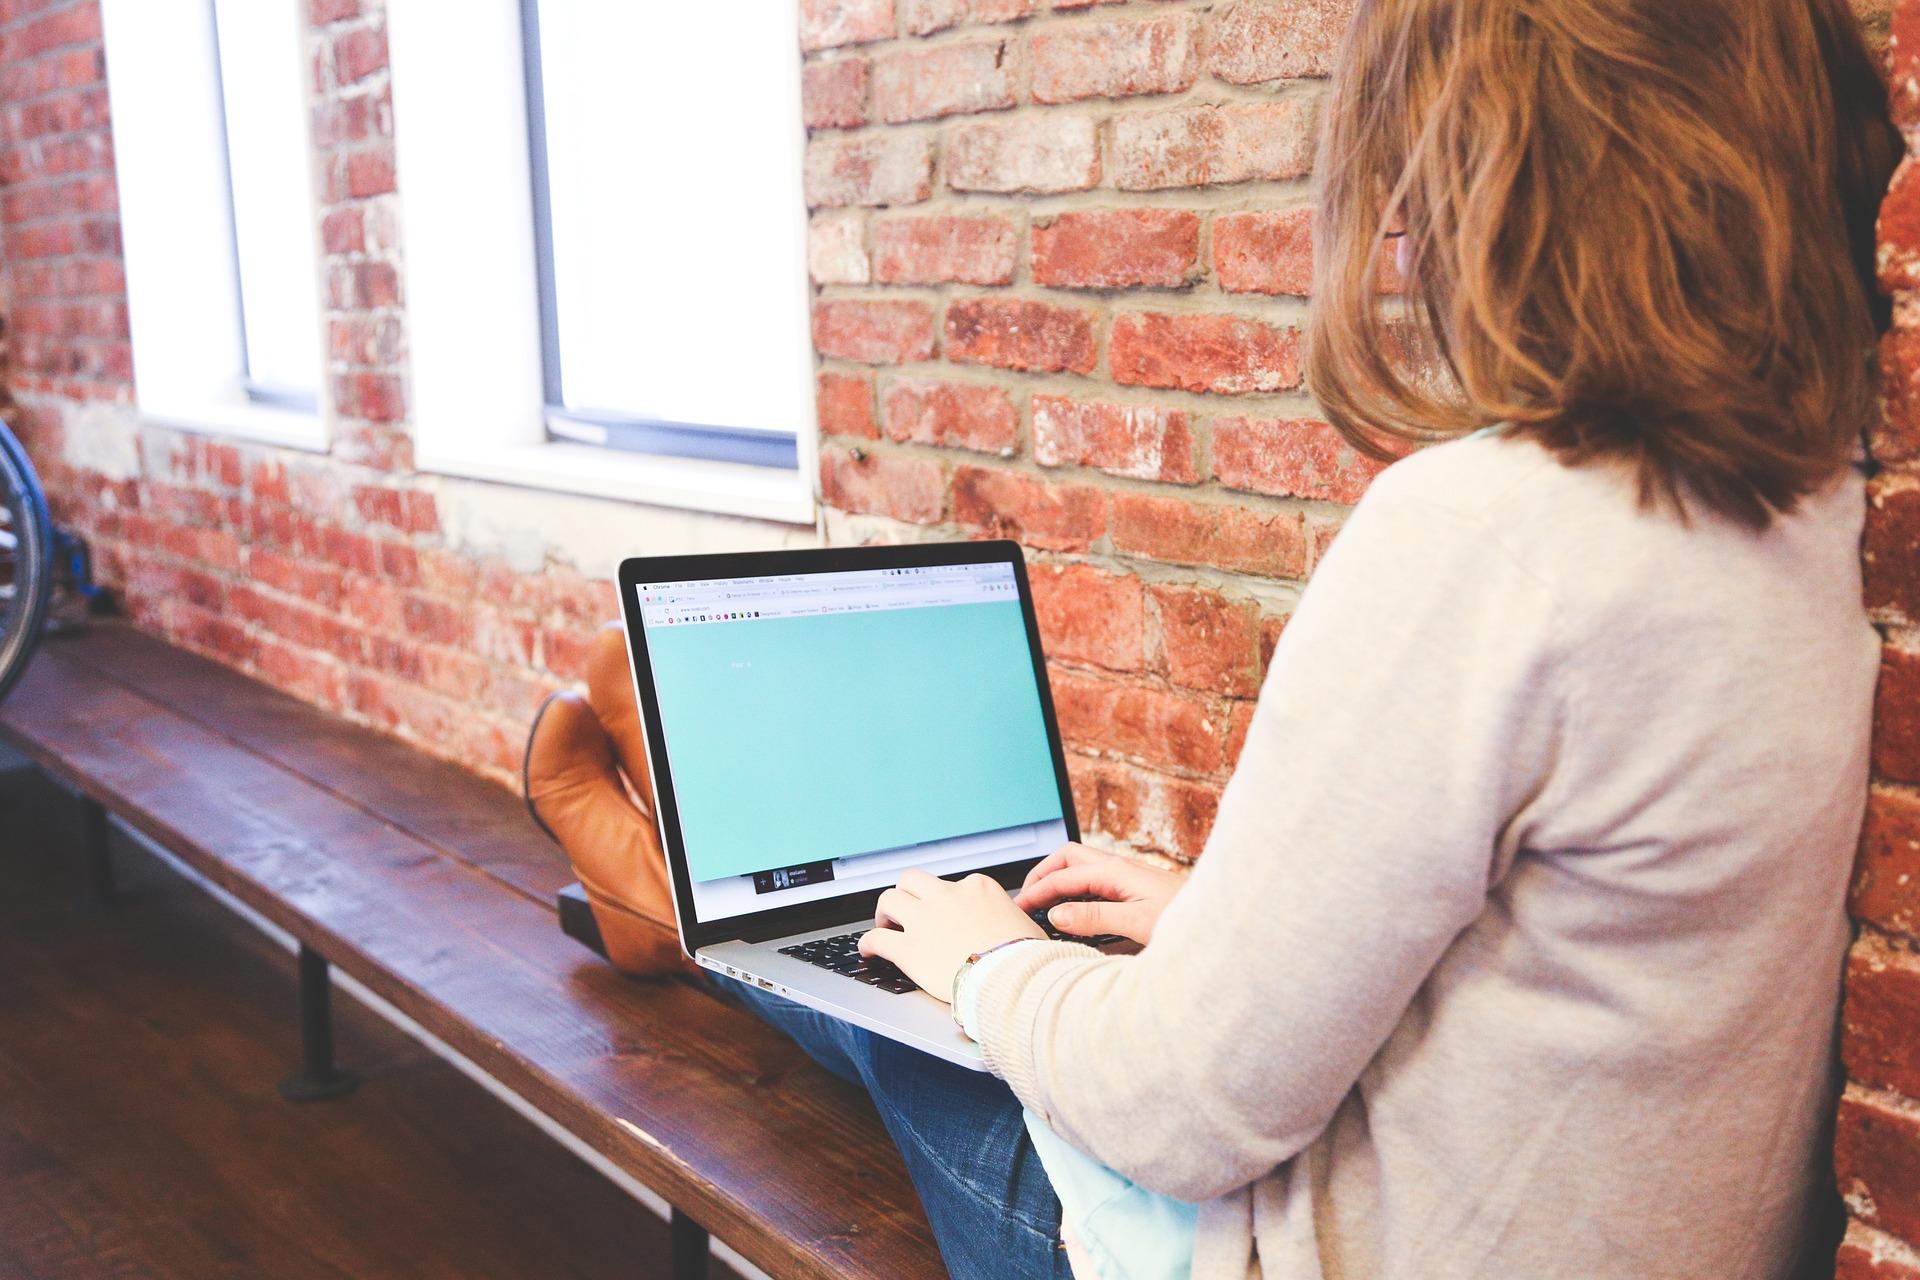 Kuvassa nuori nainen istuu penkillä ja pitää sylissään tietokonetta.